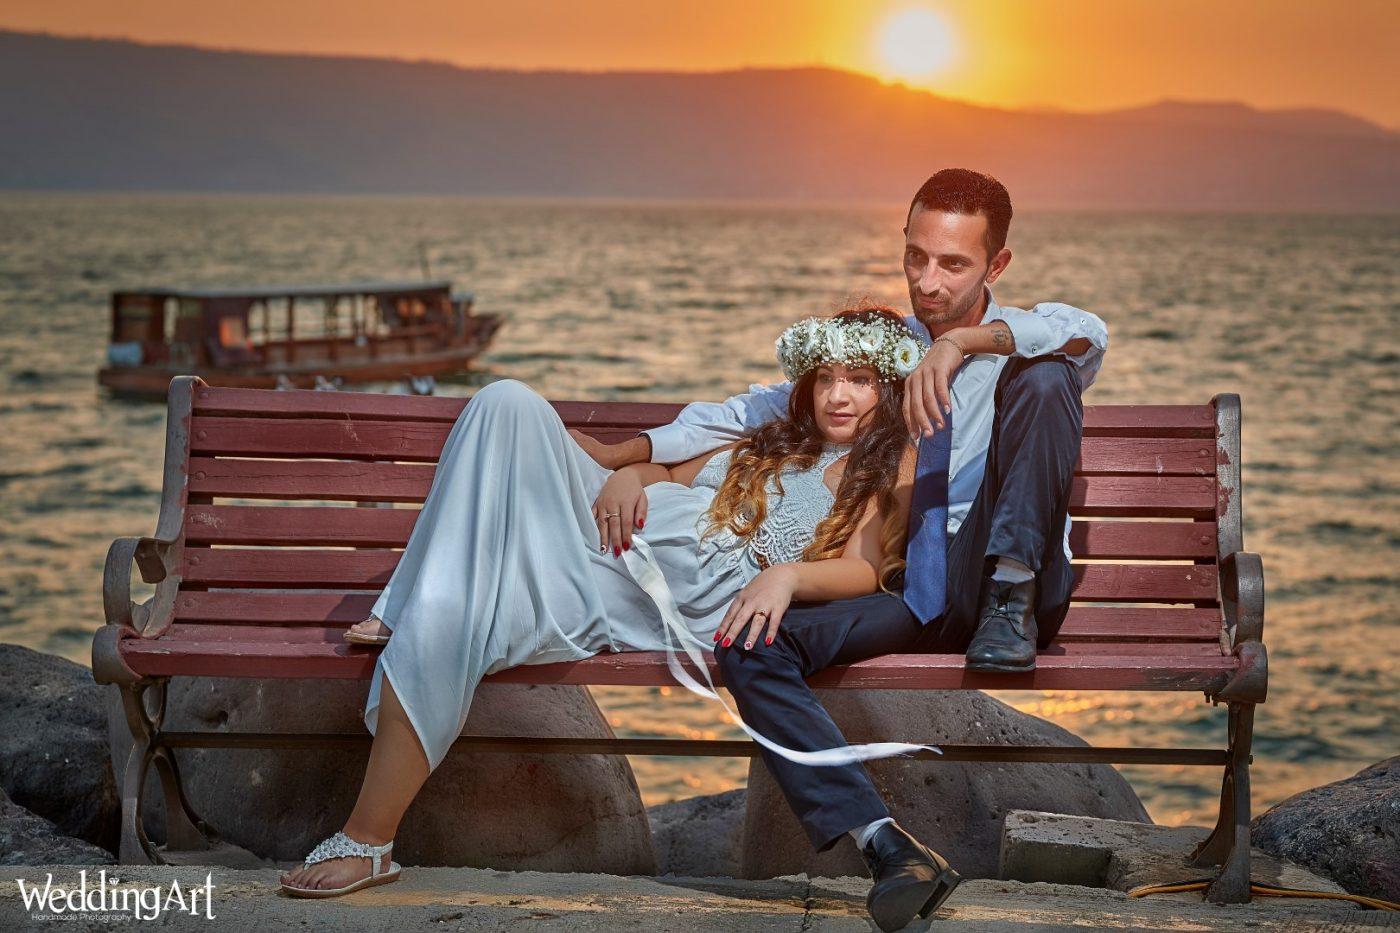 חבילת צילום חתונה במחירים מפתיעים - Wedding Art